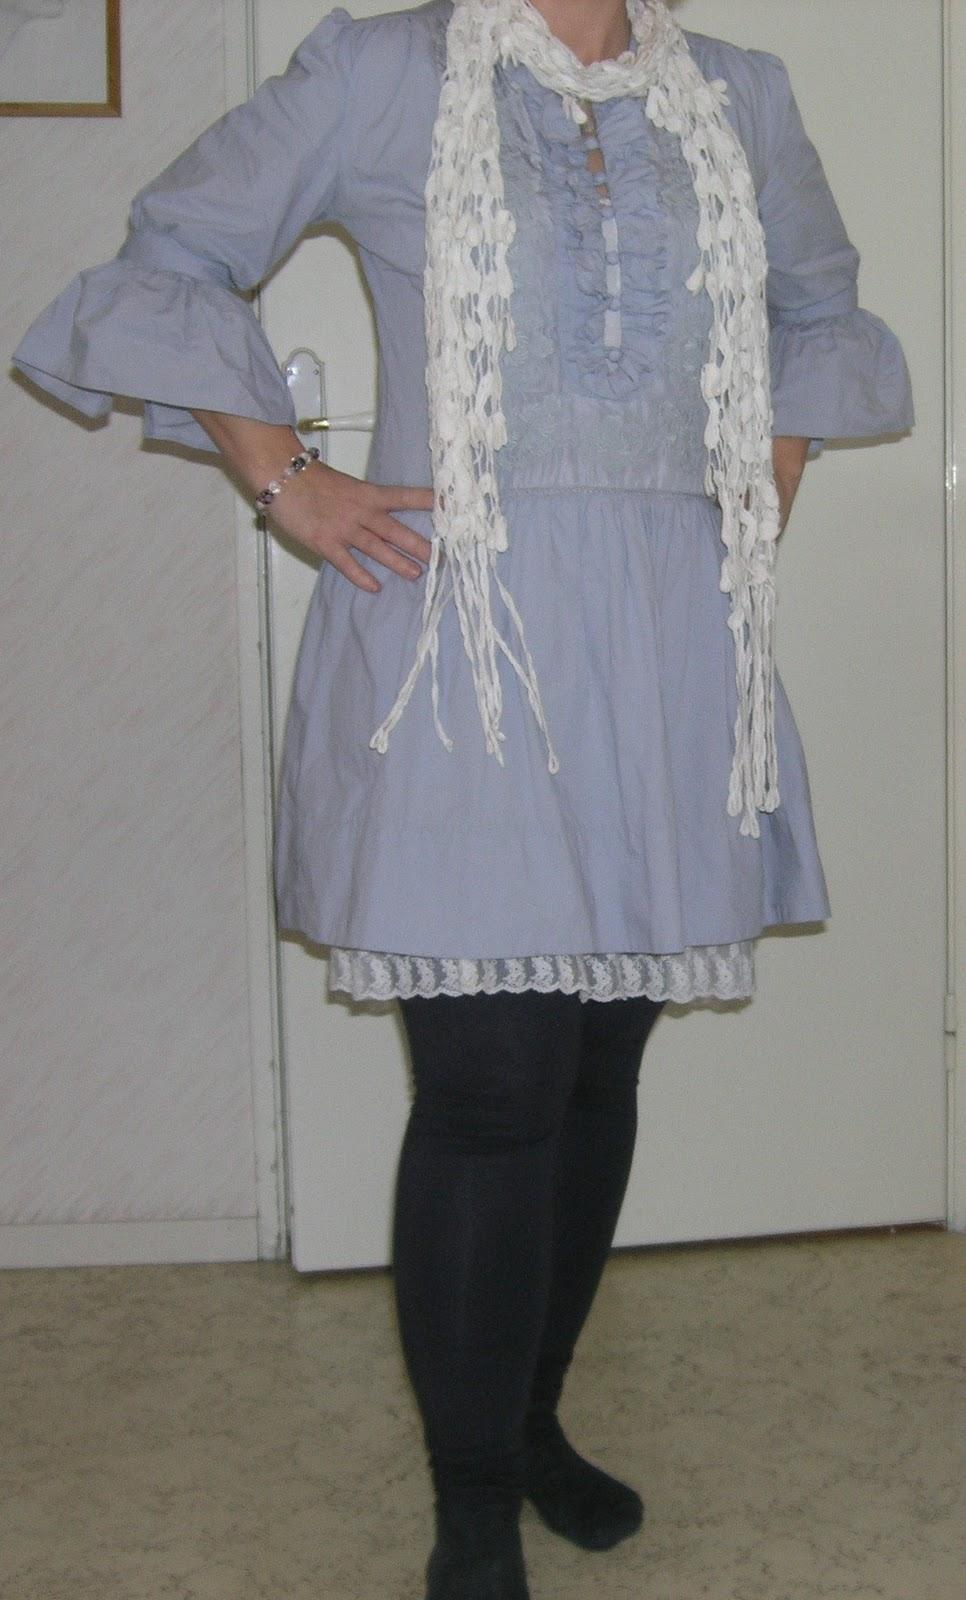 8696f18c29b0 Och det är inte en molly alls idag: joy underklänning i benvitt, fyndscarf  från Kappahl och vad-den-nu-heter tunika från Hunky Dory i china blue.